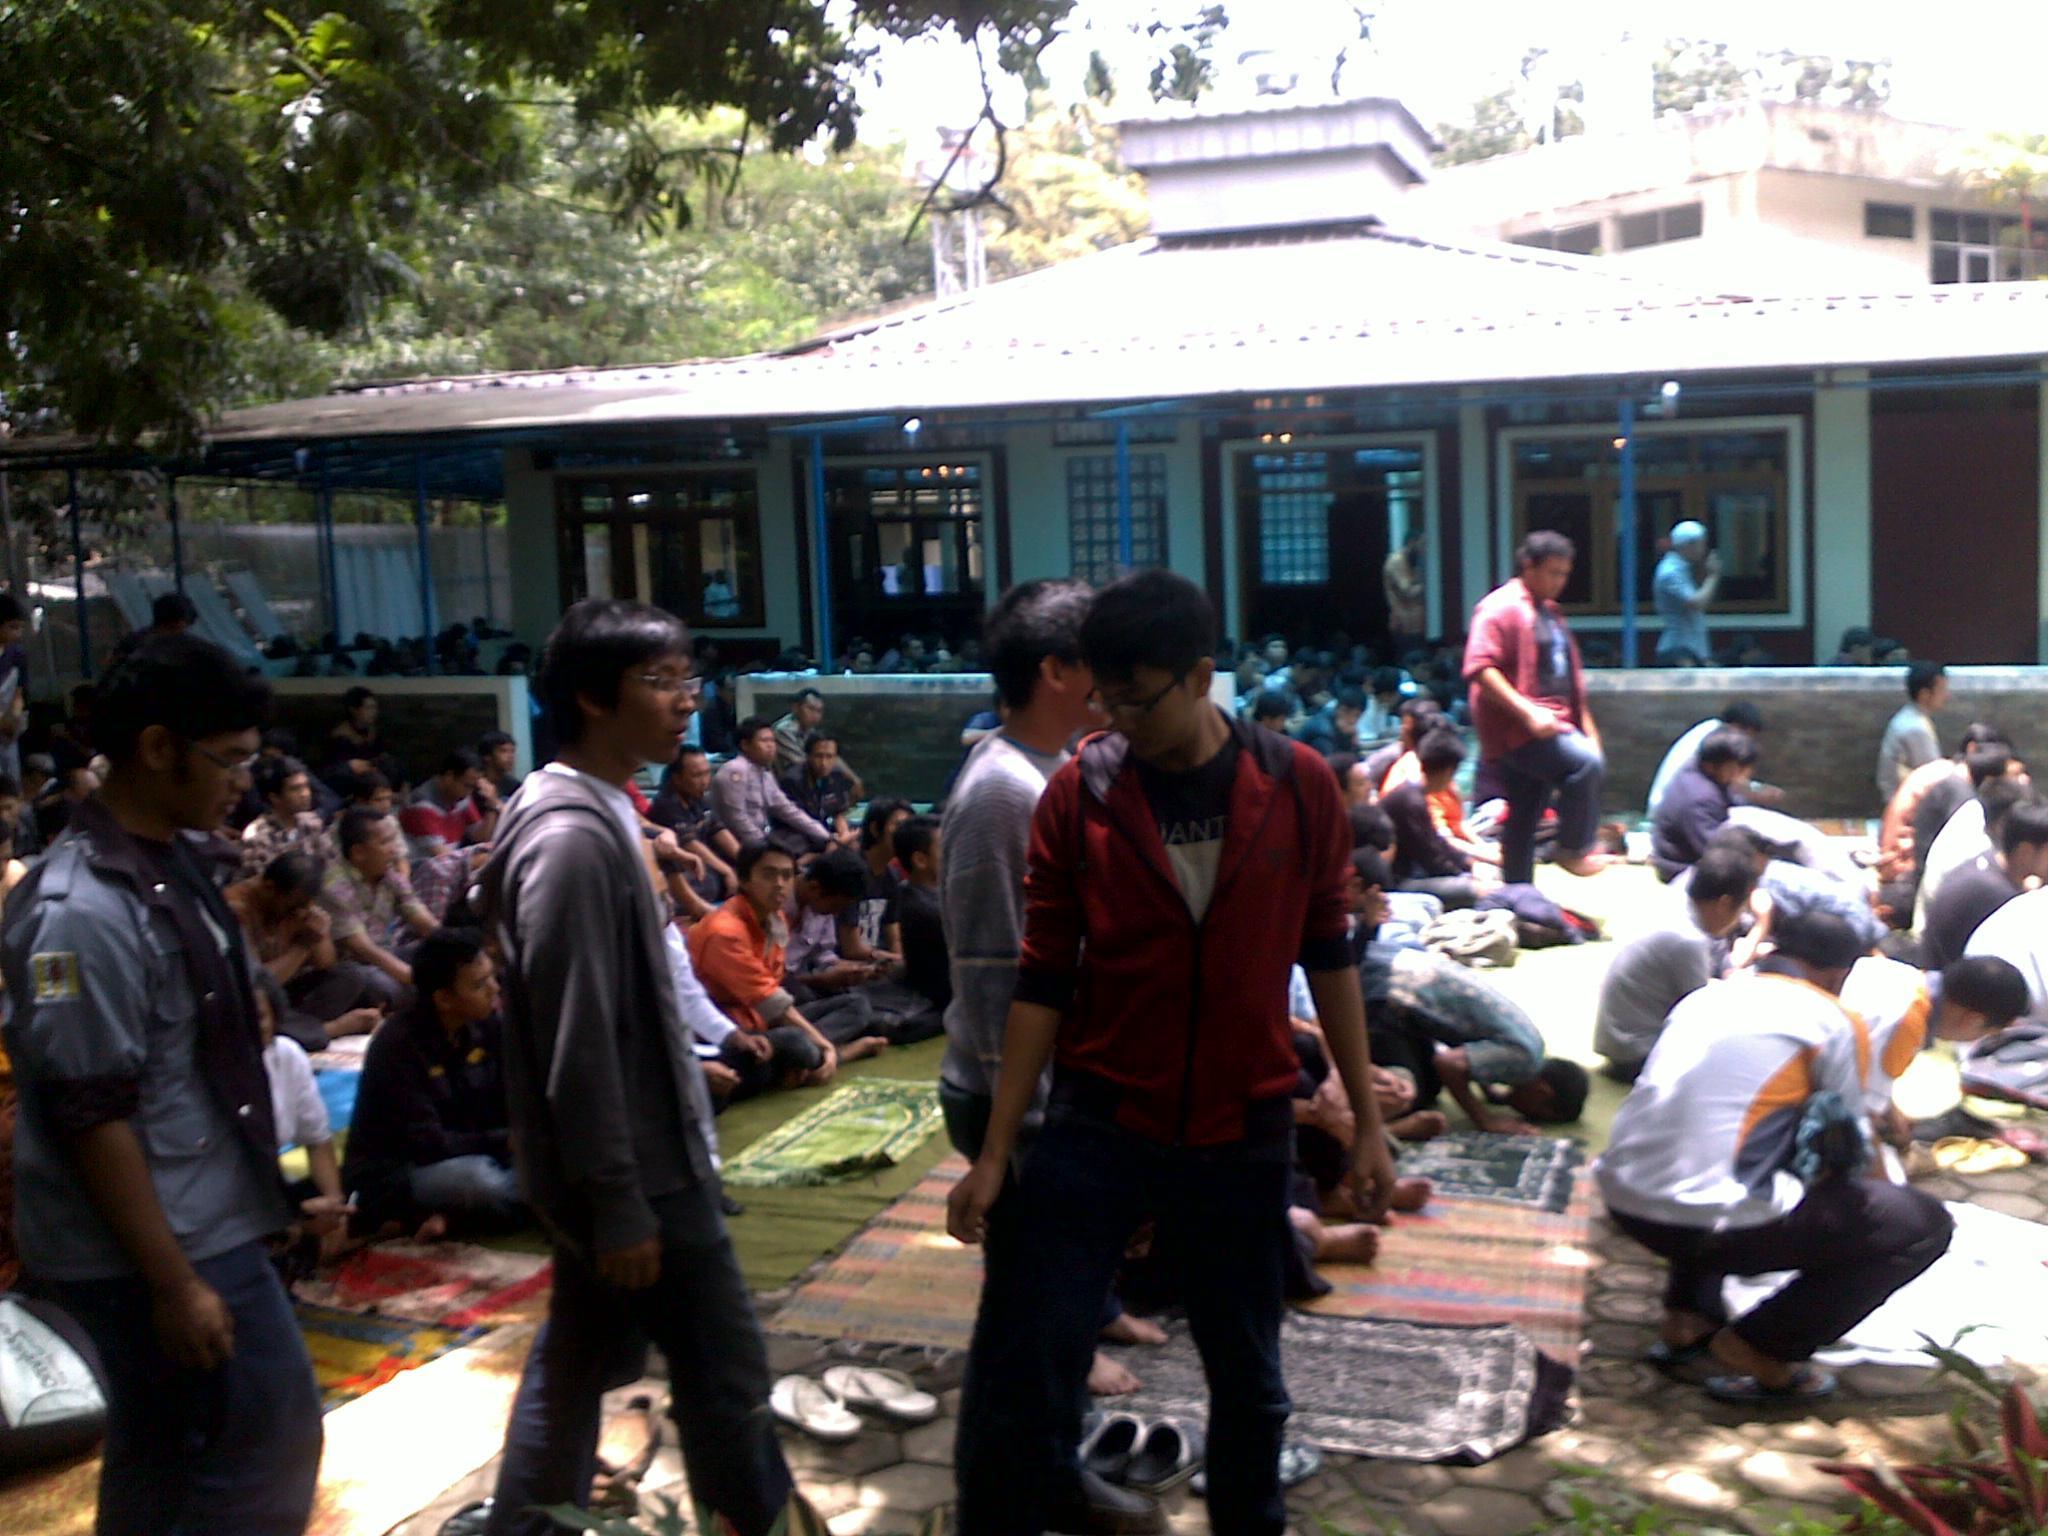 Pengalaman Shalat Jumat Di Masjid Pdam Bandung Catatanku